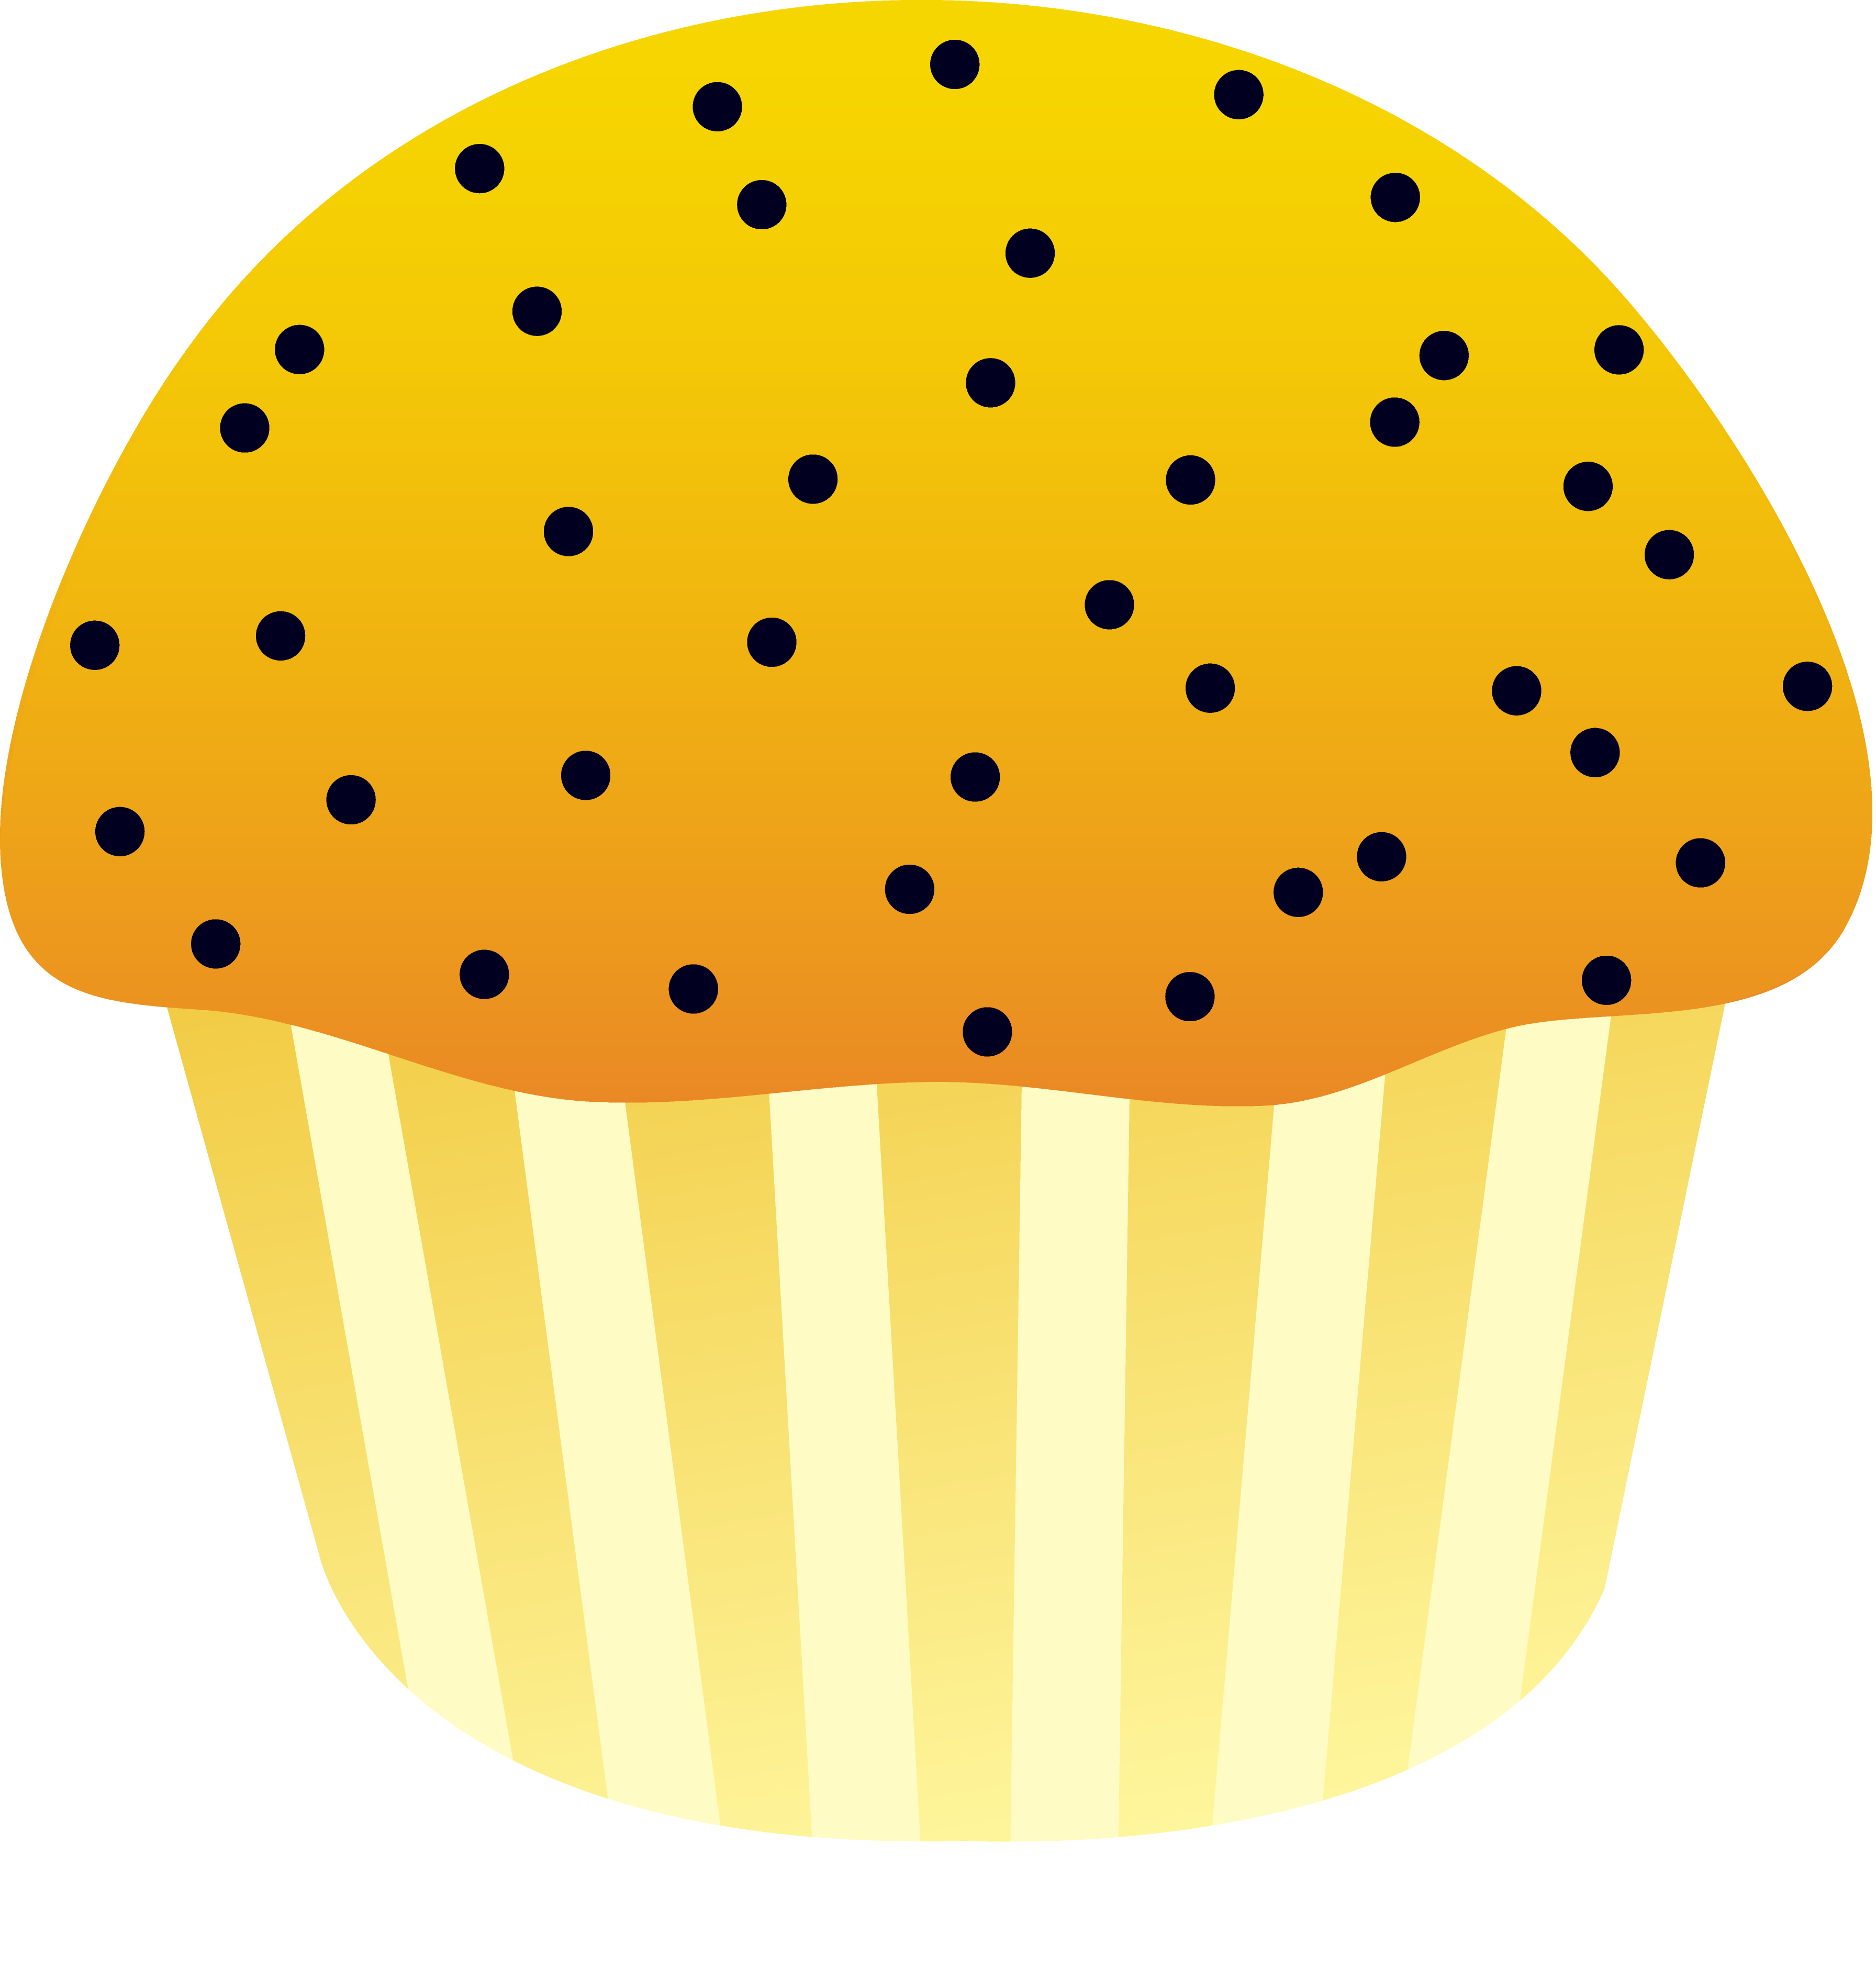 Muffin clipart lemon poppy seed Poppy Lemon Free Muffin Lemon